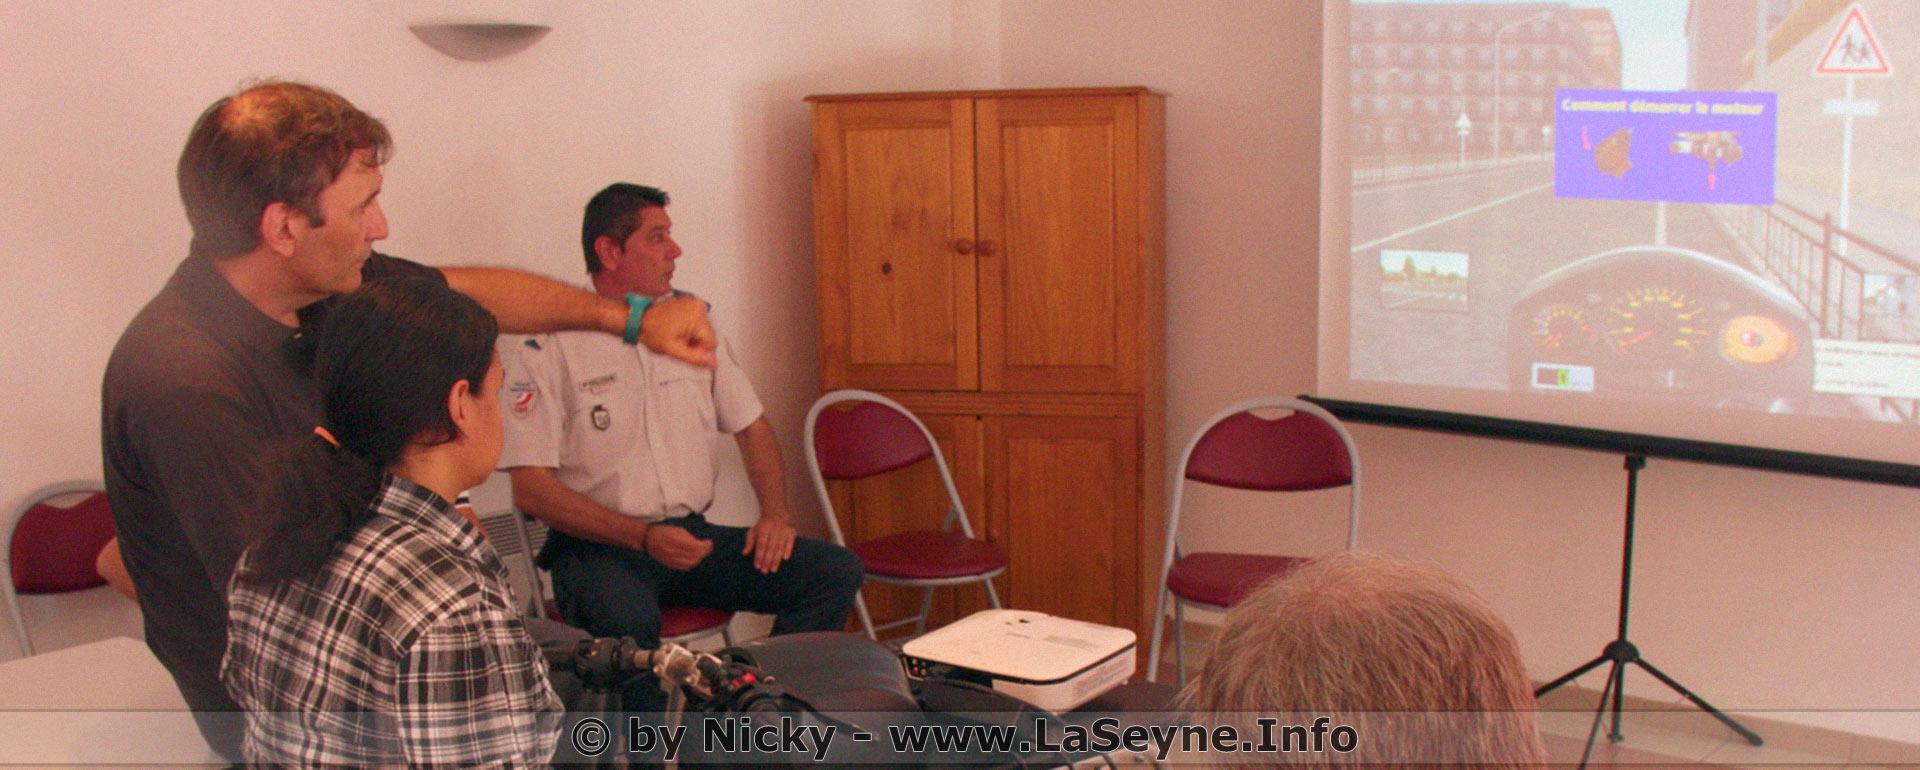 laseyne info la maison de la s curit routi re msr var recherche des intervenants. Black Bedroom Furniture Sets. Home Design Ideas